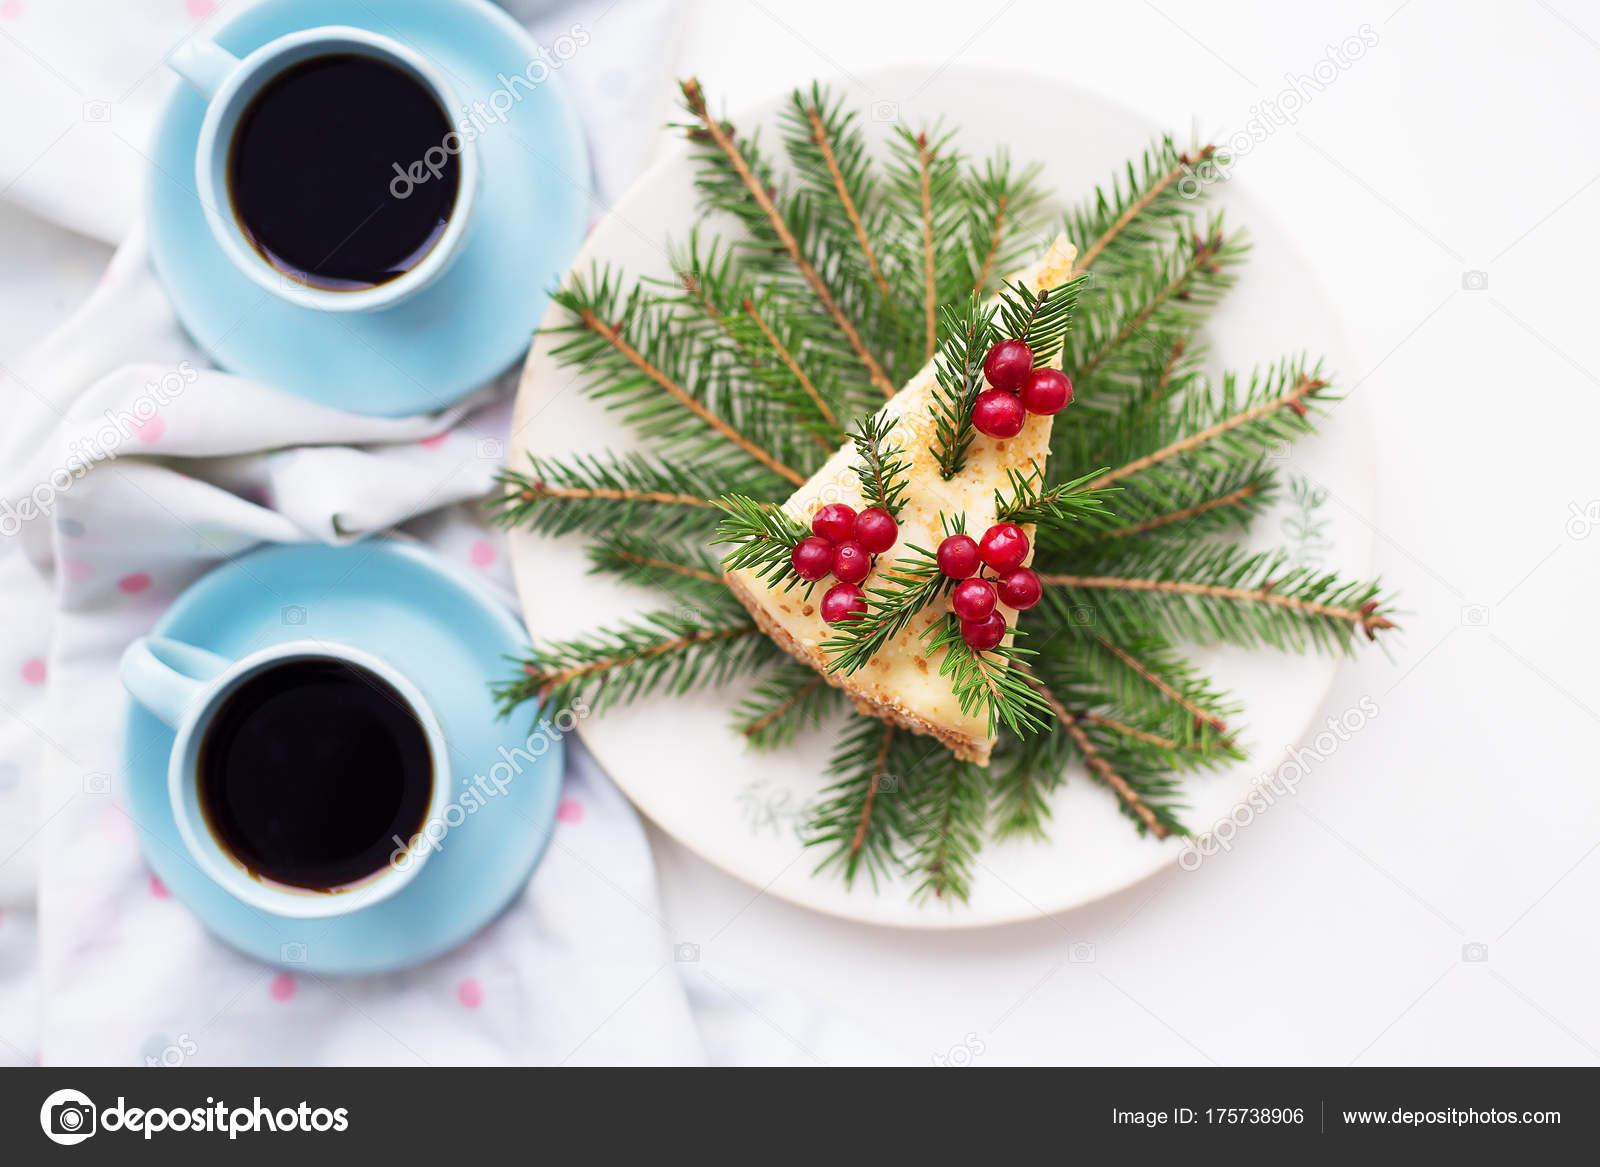 Pastel Decorado Arbol De Navidad Ramas Y Bayas Sobre Un Fondo Del